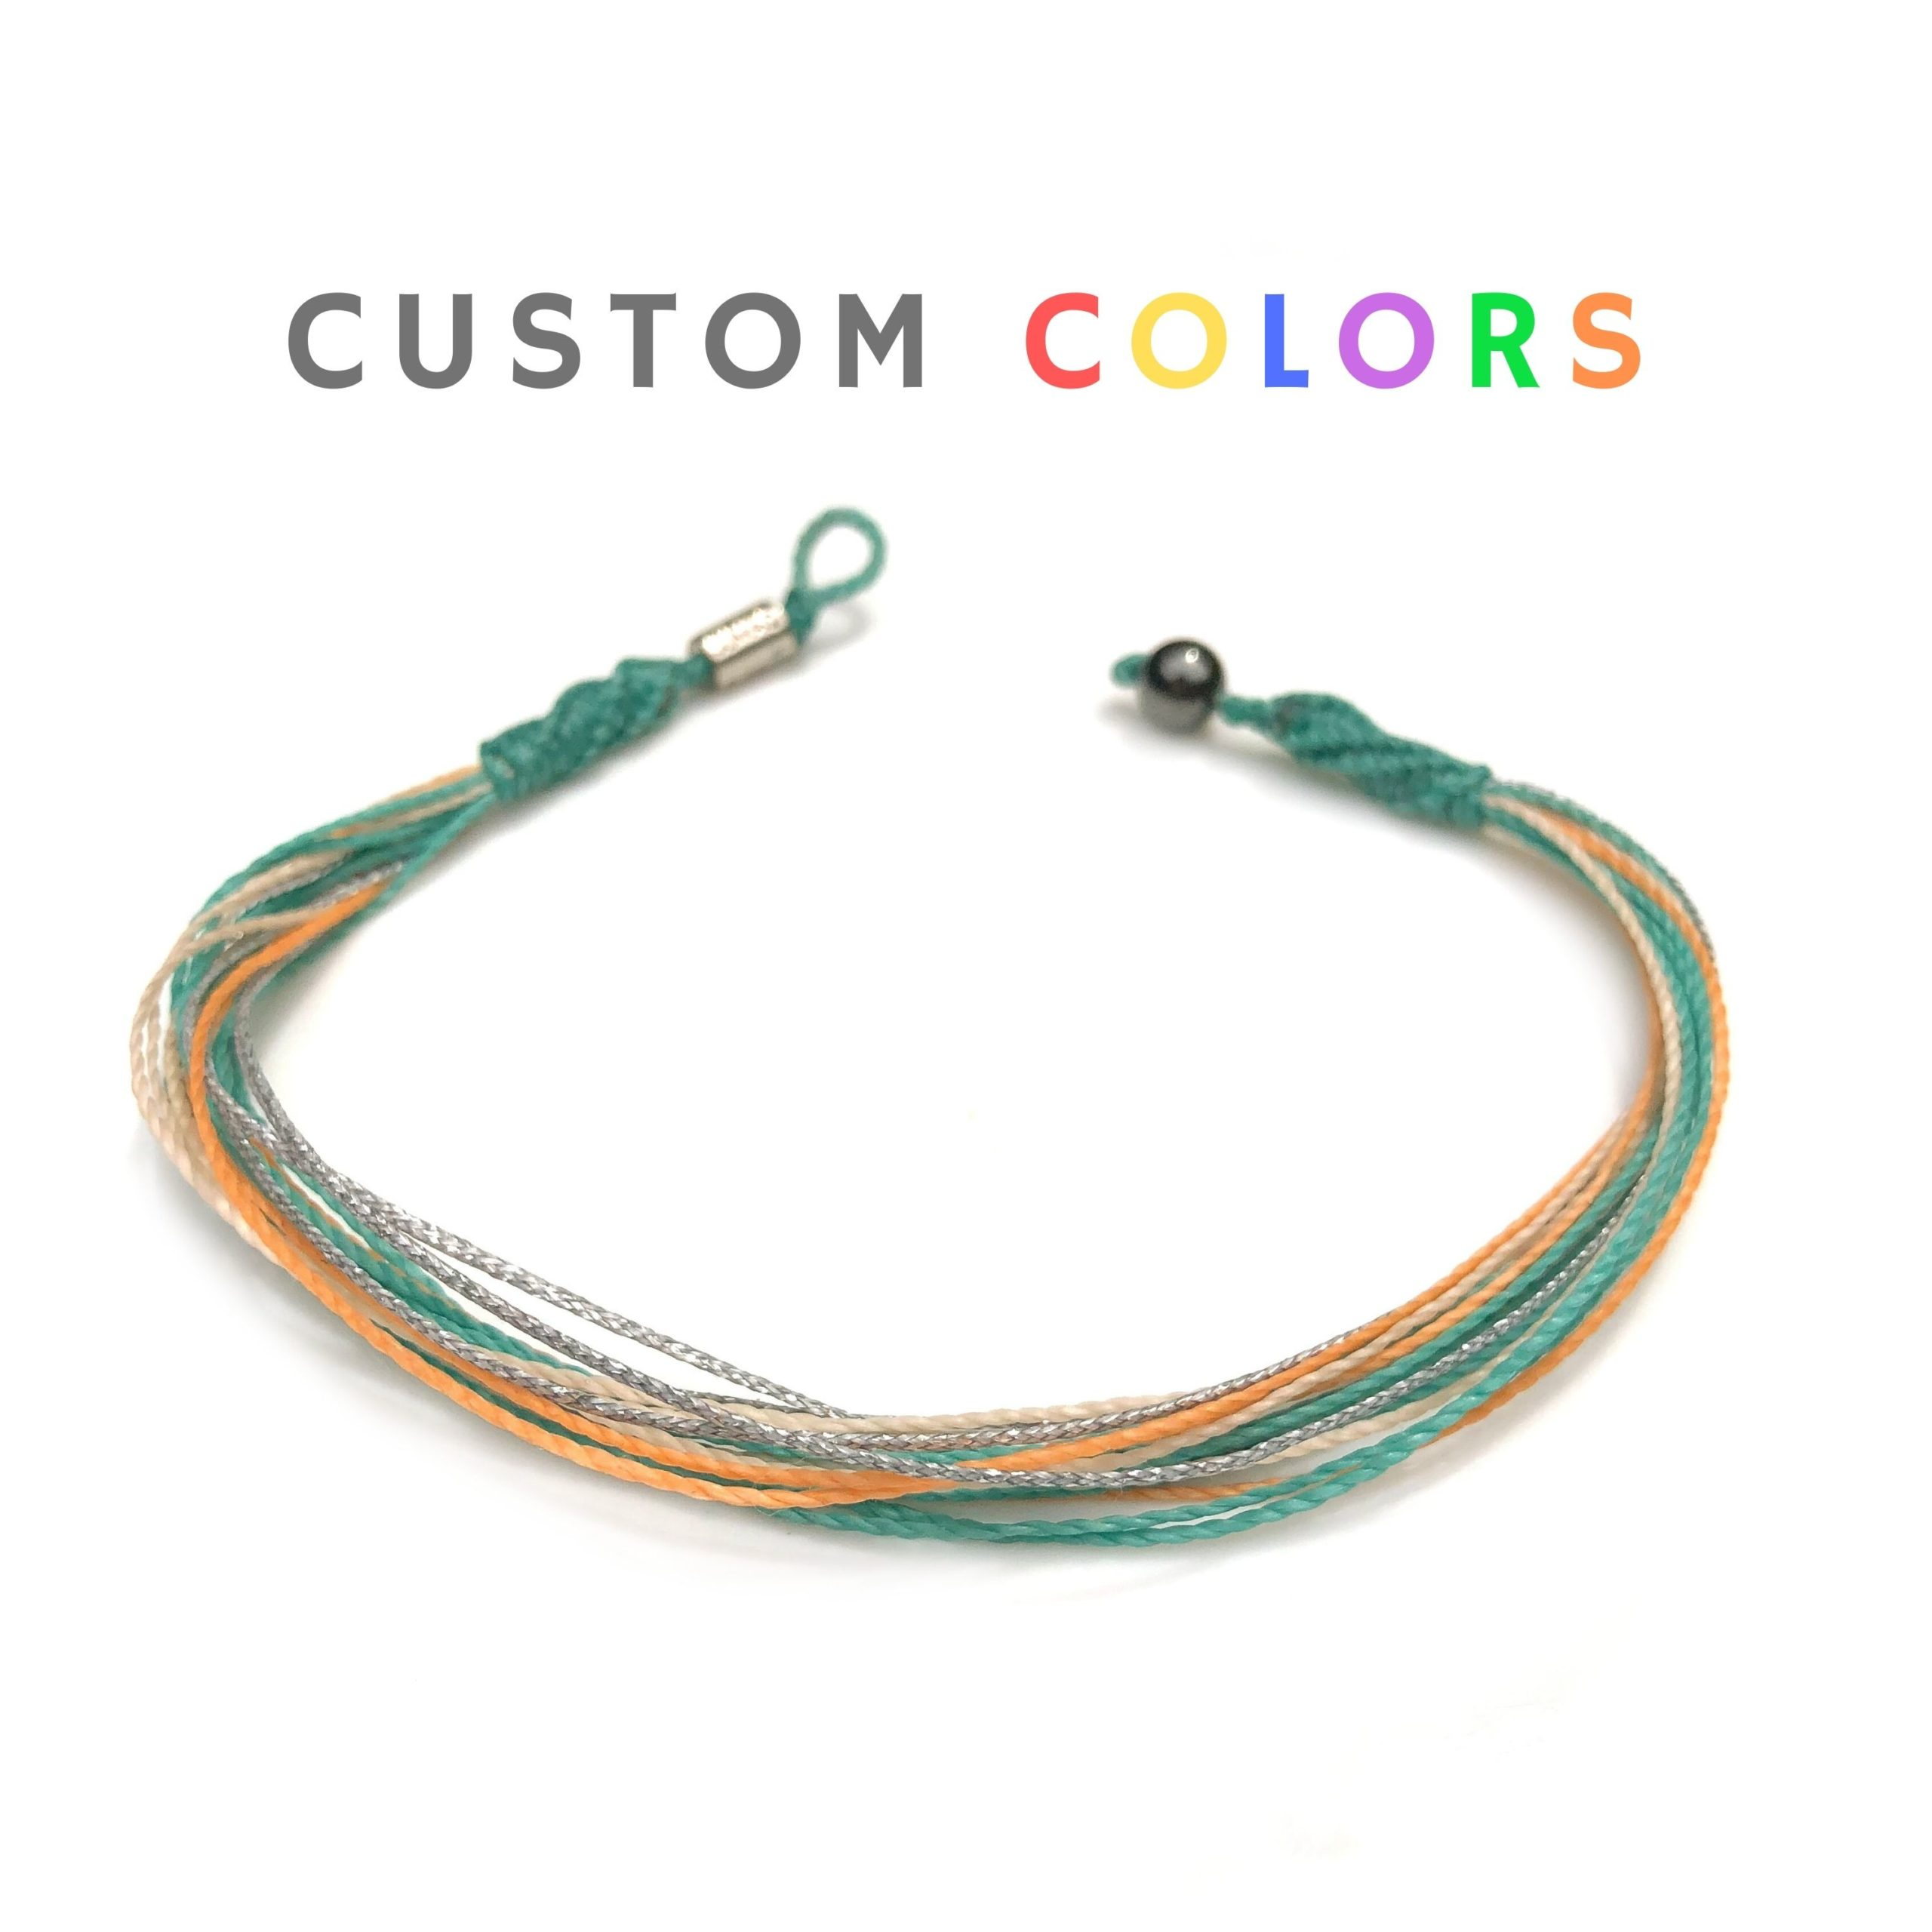 Custom anklet for men and women by designer Coco Paniora Salinas of RUMI SUMAQ. Handmade beach jewelry from Martha's Vineyard.